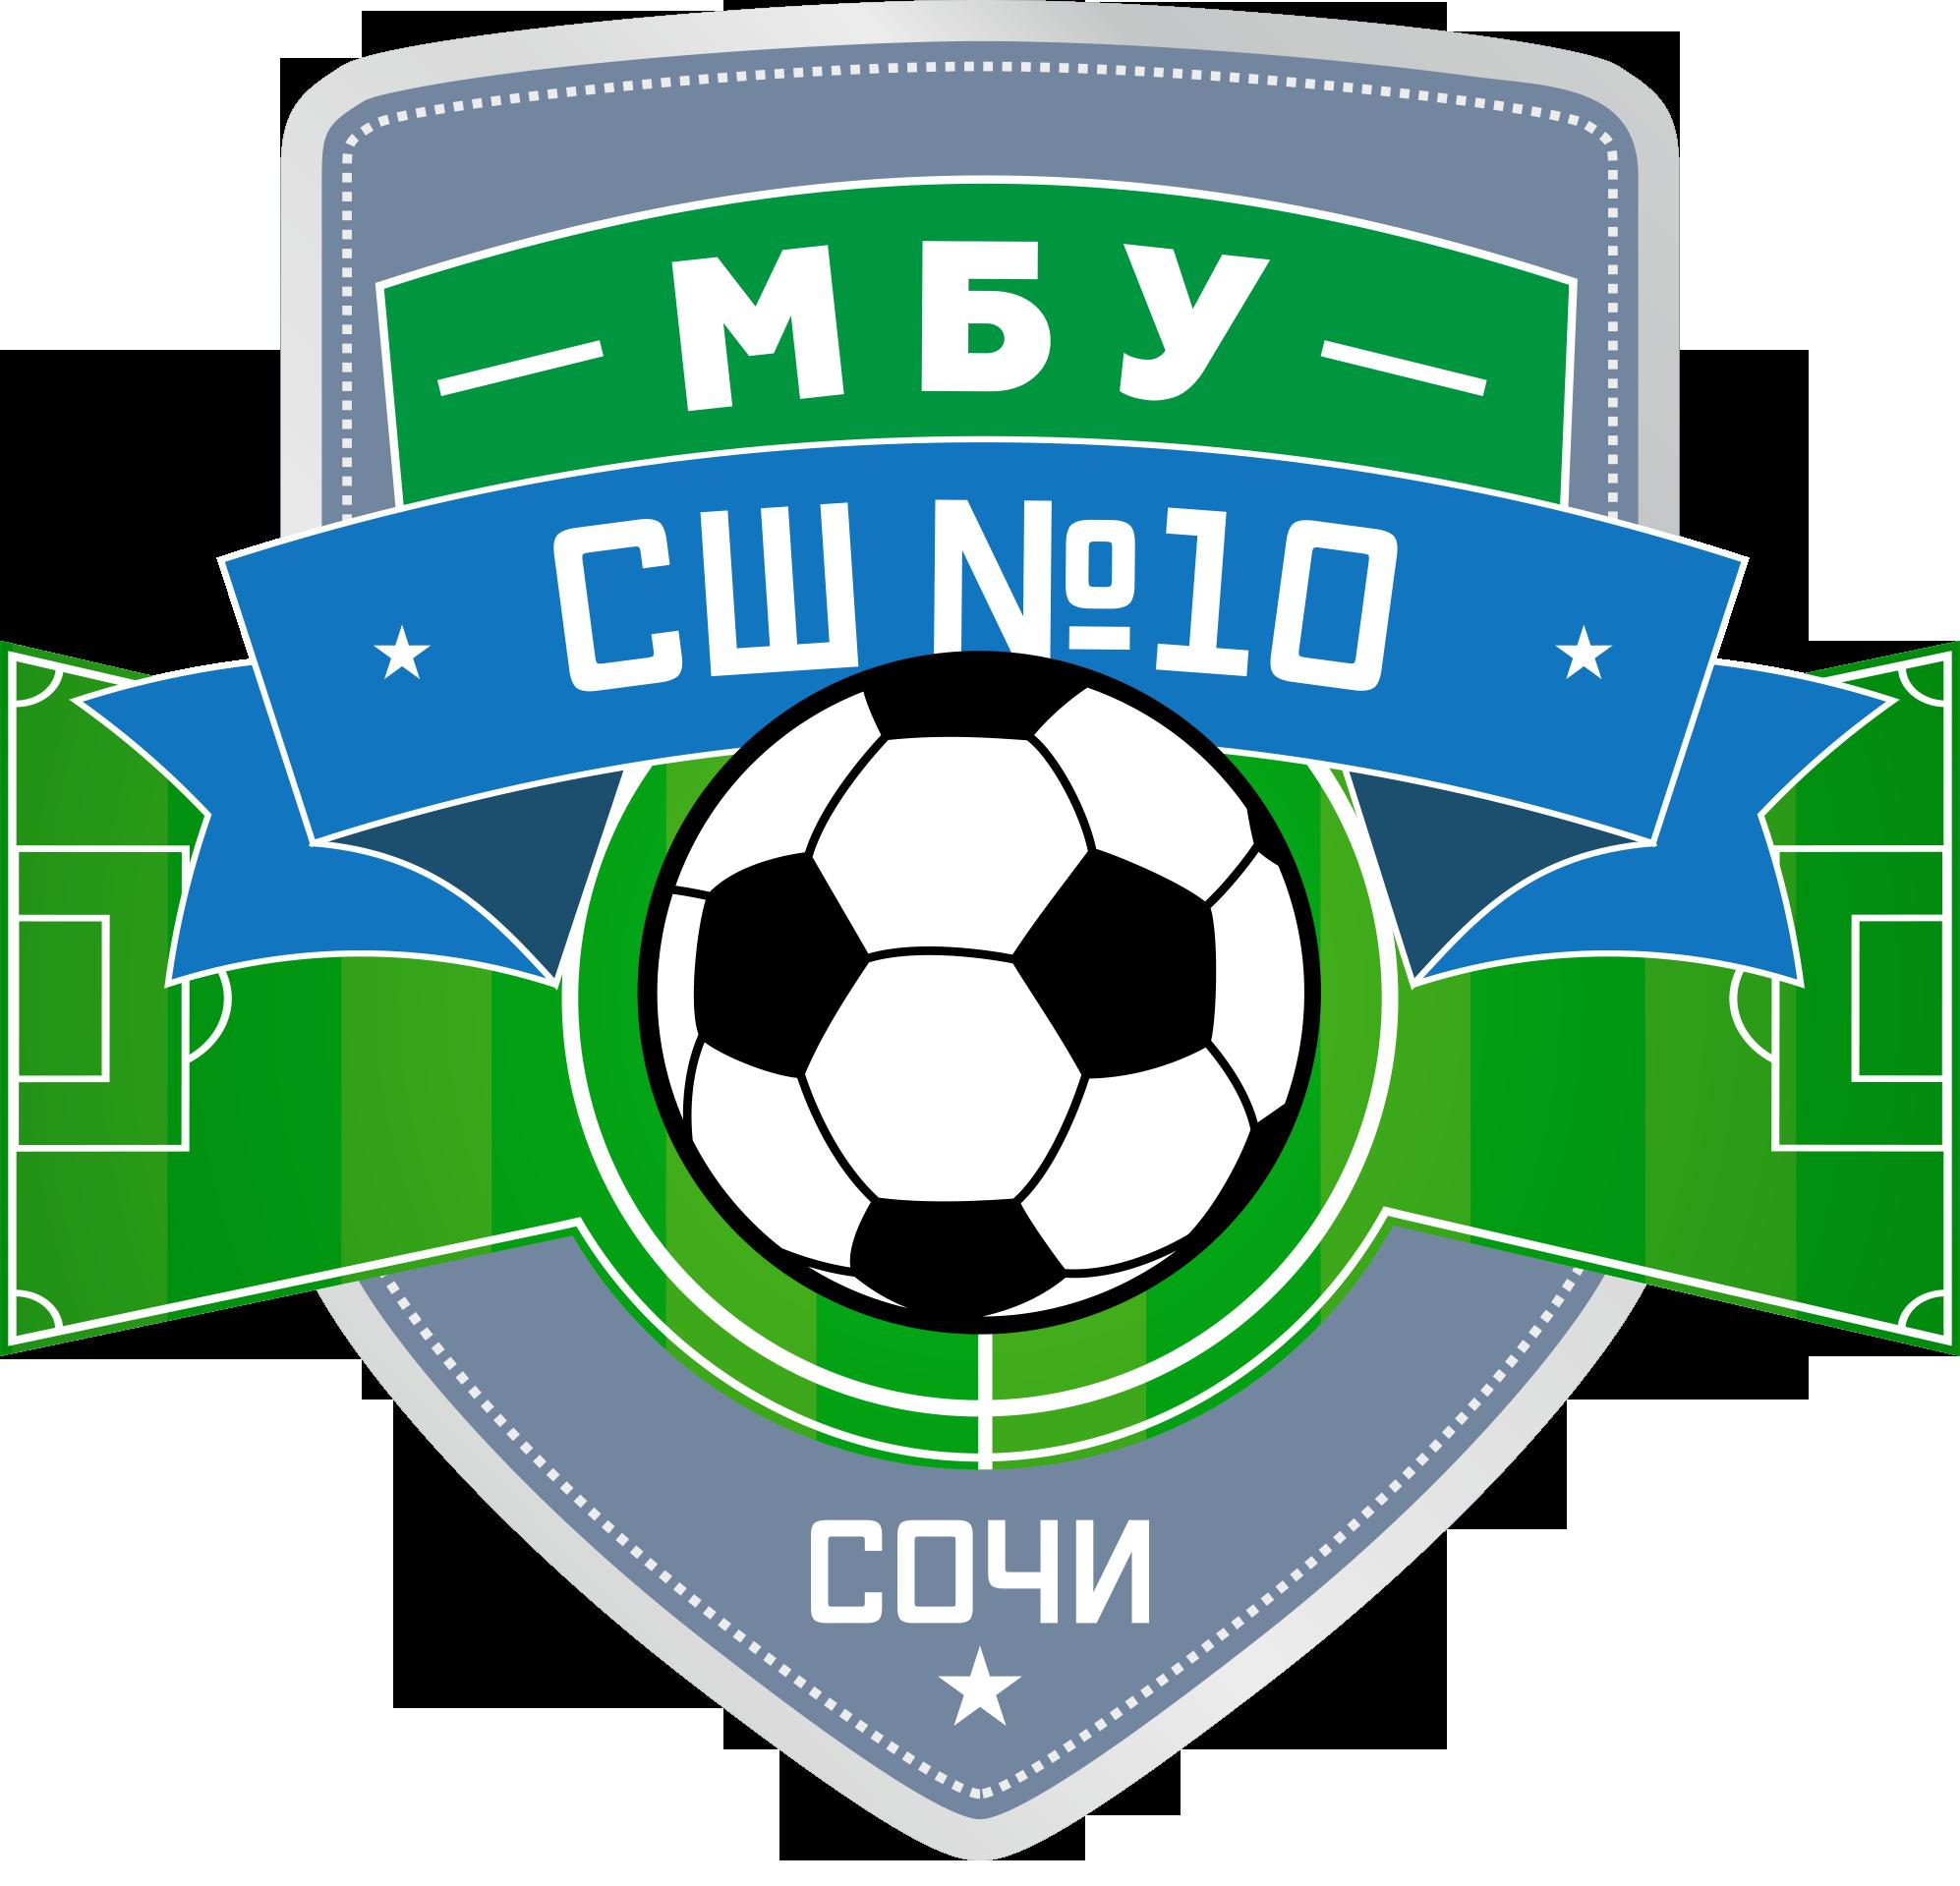 Муниципальное бюджетное учреждение  Спортивная школа футбола № 10 города сочи